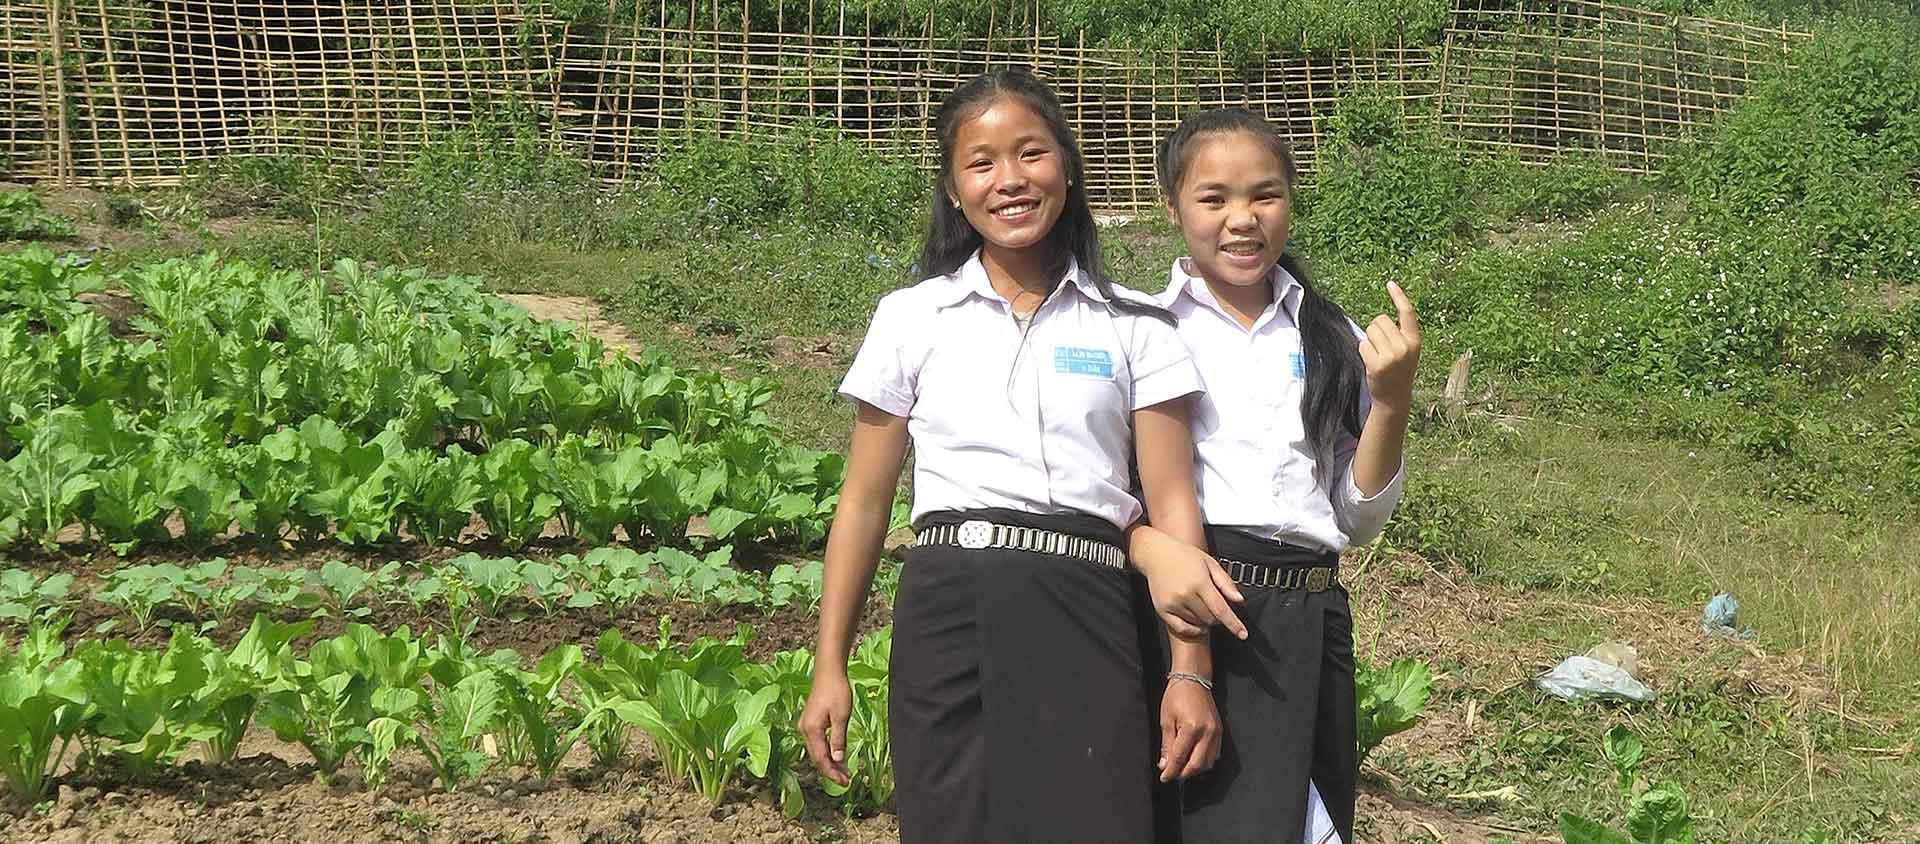 Nyaing (till vänster) är elva år och går första året på Secondary school. Det är som klass 6.